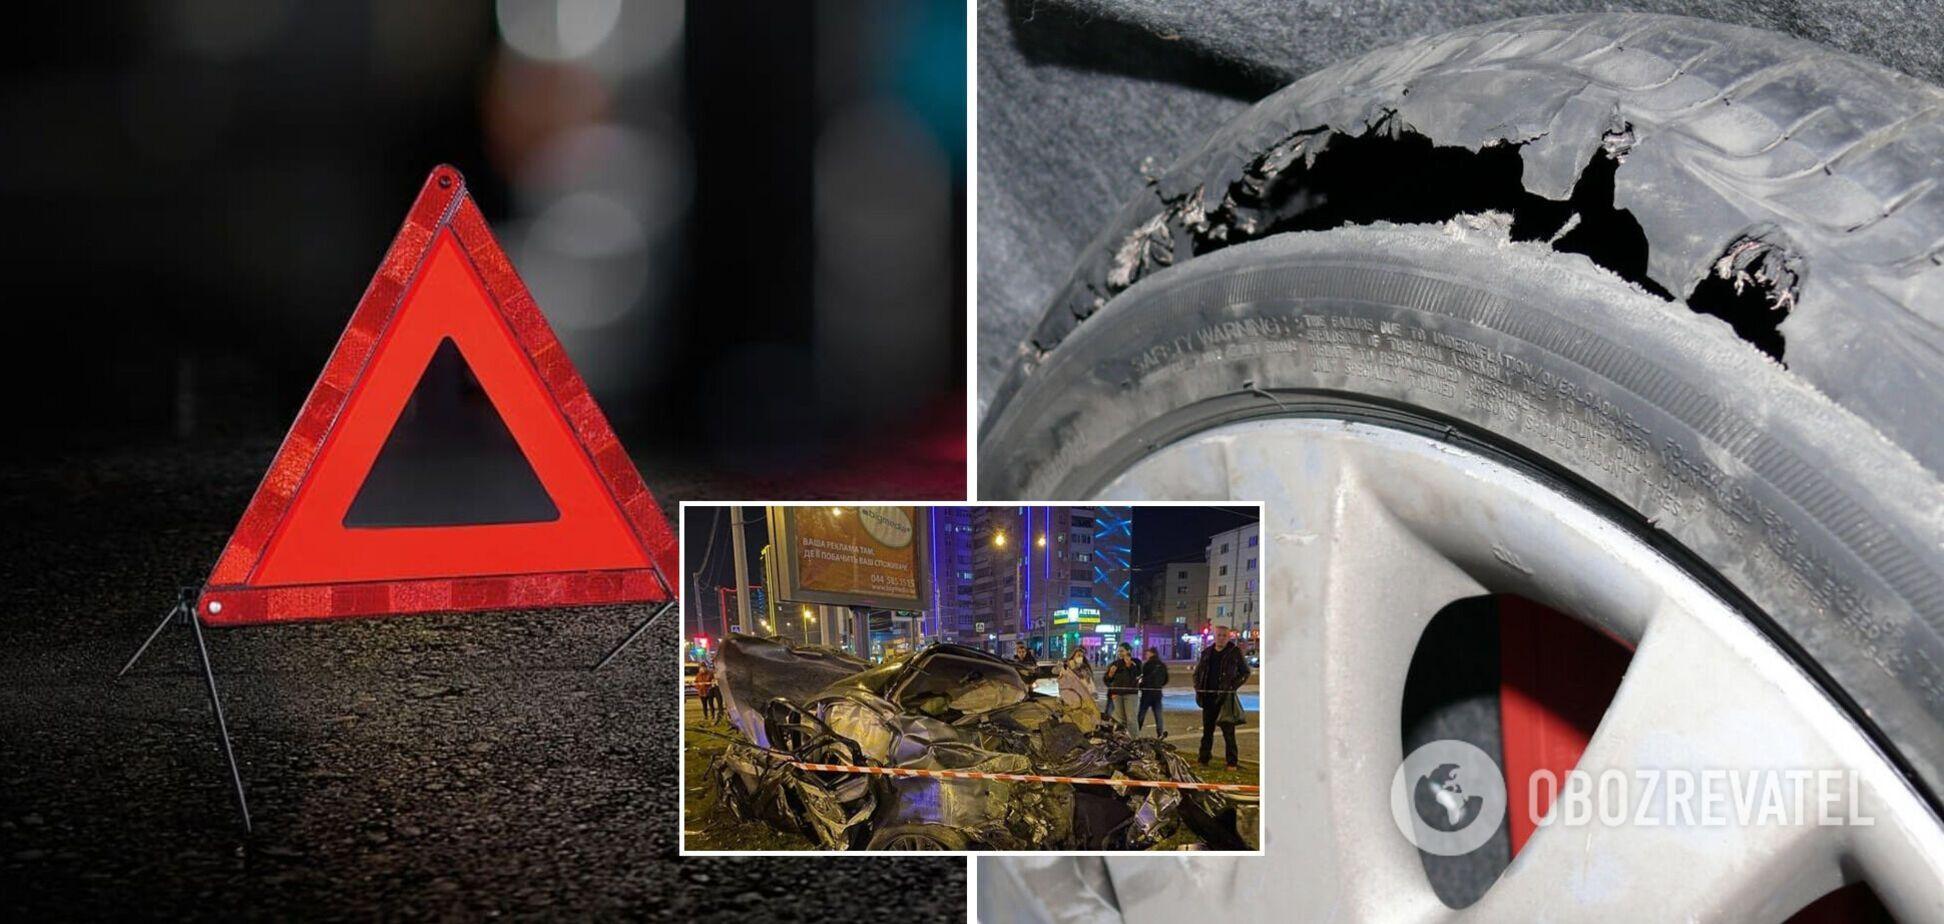 Проклята дорога: у Харкові на місці смертельної аварії з Infiniti трапилася нова ДТП. Відео